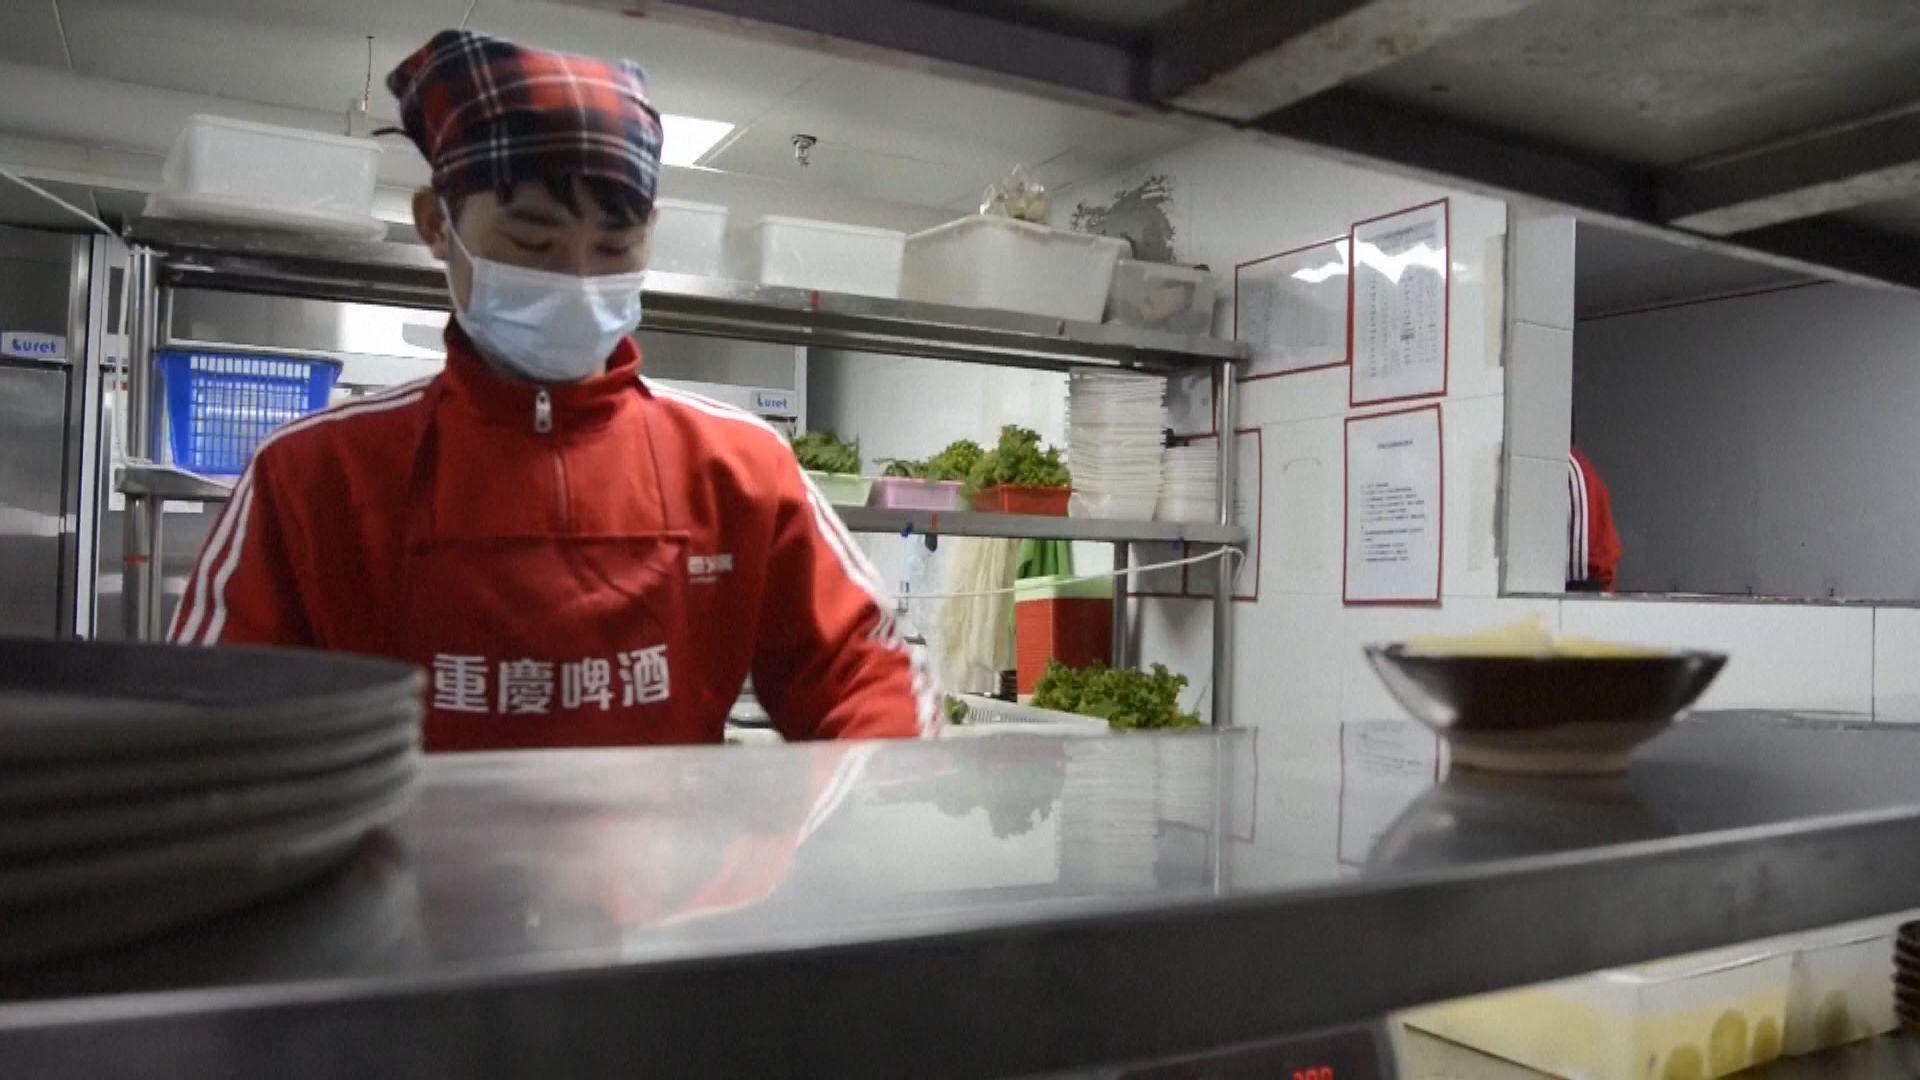 福建省通過規定 下月起餐飲從業員要戴口罩